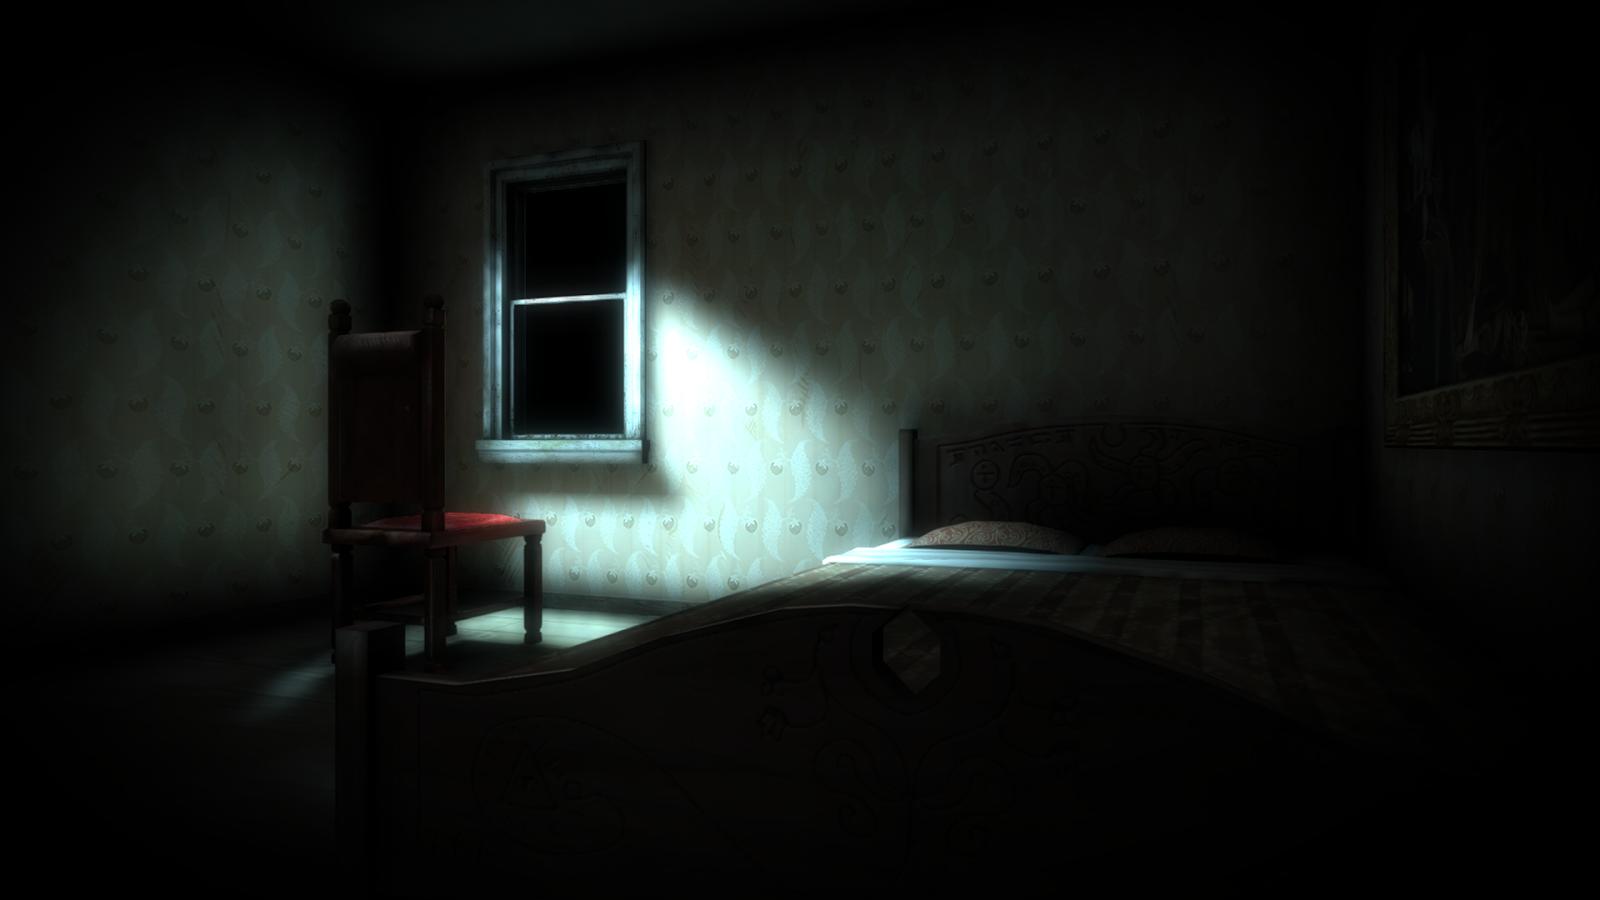 Atmosphere of terror and horror in macbeth